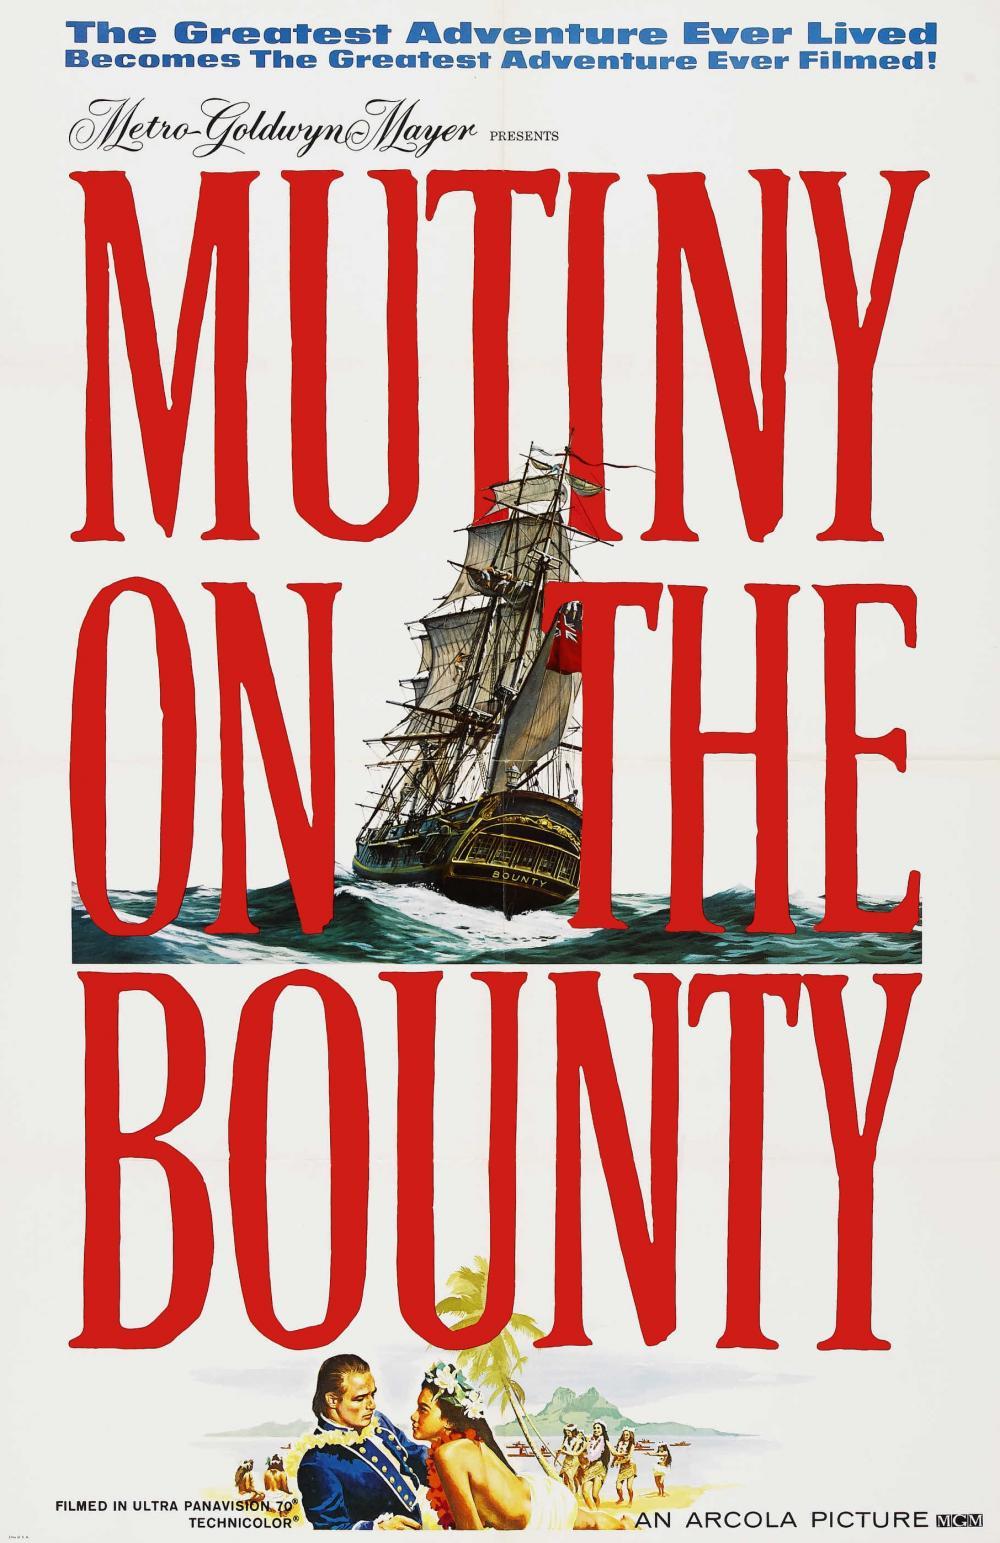 MUTINY ON THE BOUNTY-REVOLTA DE PE BOUNTY